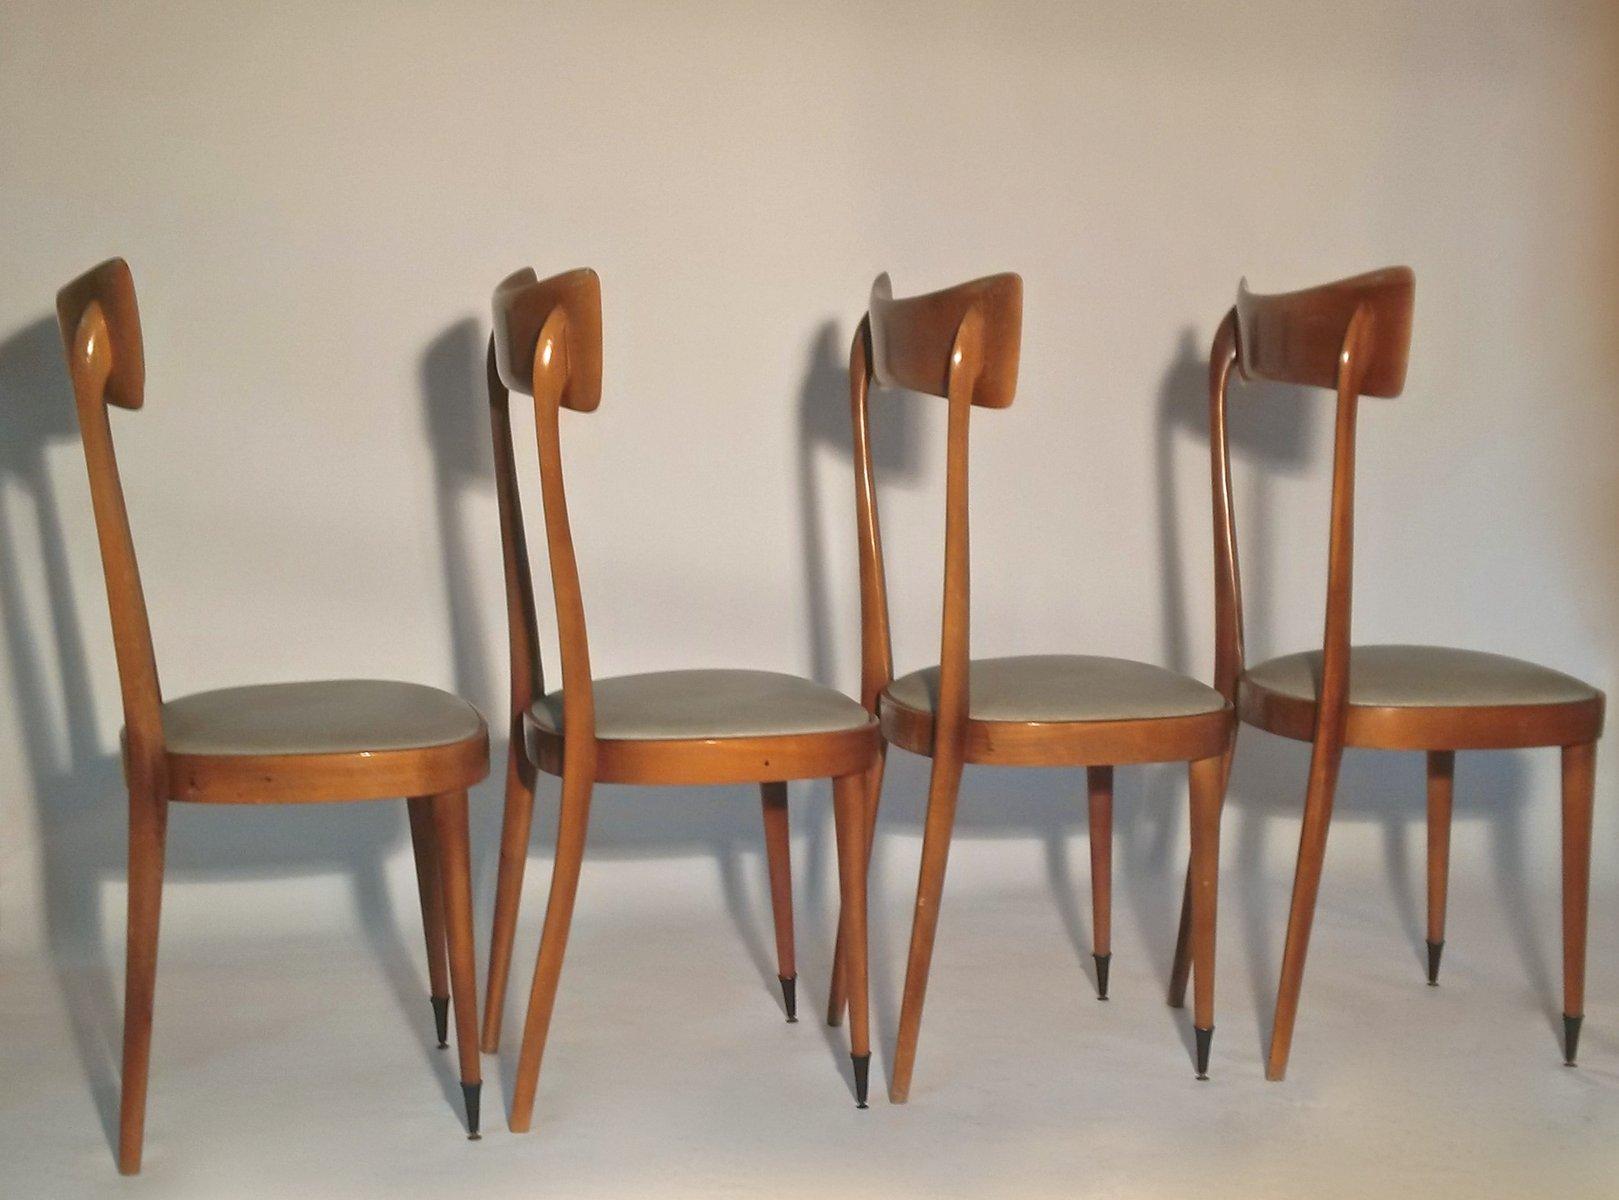 italienische mid century esszimmer stühle, 4er set bei pamono kaufen, Esstisch ideennn